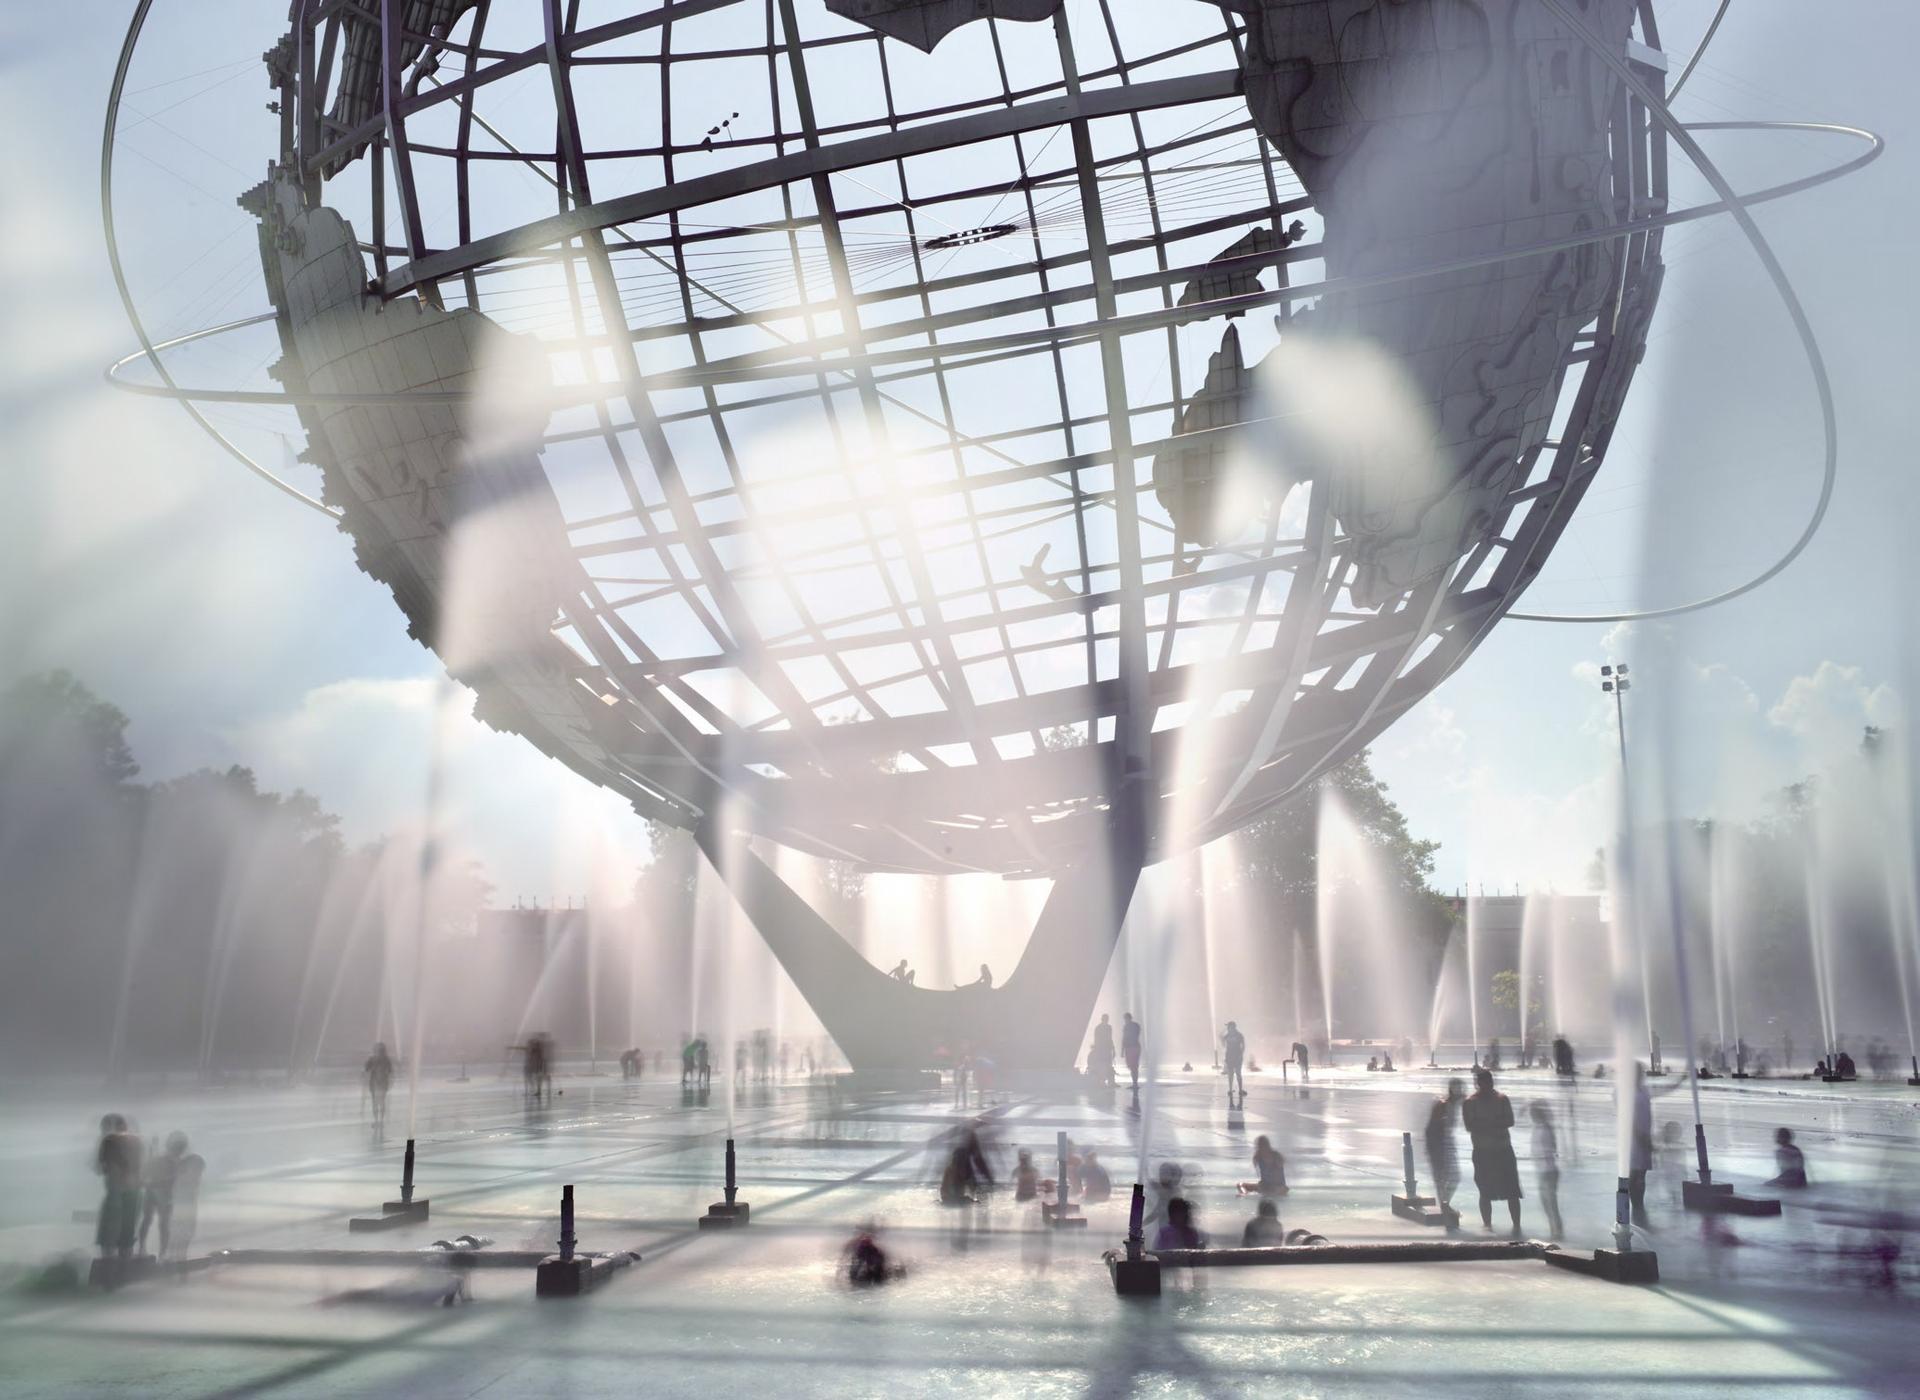 在夏季的炎熱氣溫中,大地球儀底部的96座噴泉有助於遊客消暑。這張長曝光照片中的不鏽鋼地球儀位於紐約市的法拉盛草原可樂娜公園,高43公尺、直徑37公尺、重318公噸,是1964至1965年世界博覽會留存至今的紀念物。它外圍的三圈金屬環象徵三次早期的軌道飛行,宣告太空時代的來臨。 PHOTO: MATTHEW PILLSBURY, BENRUBI GALLERY